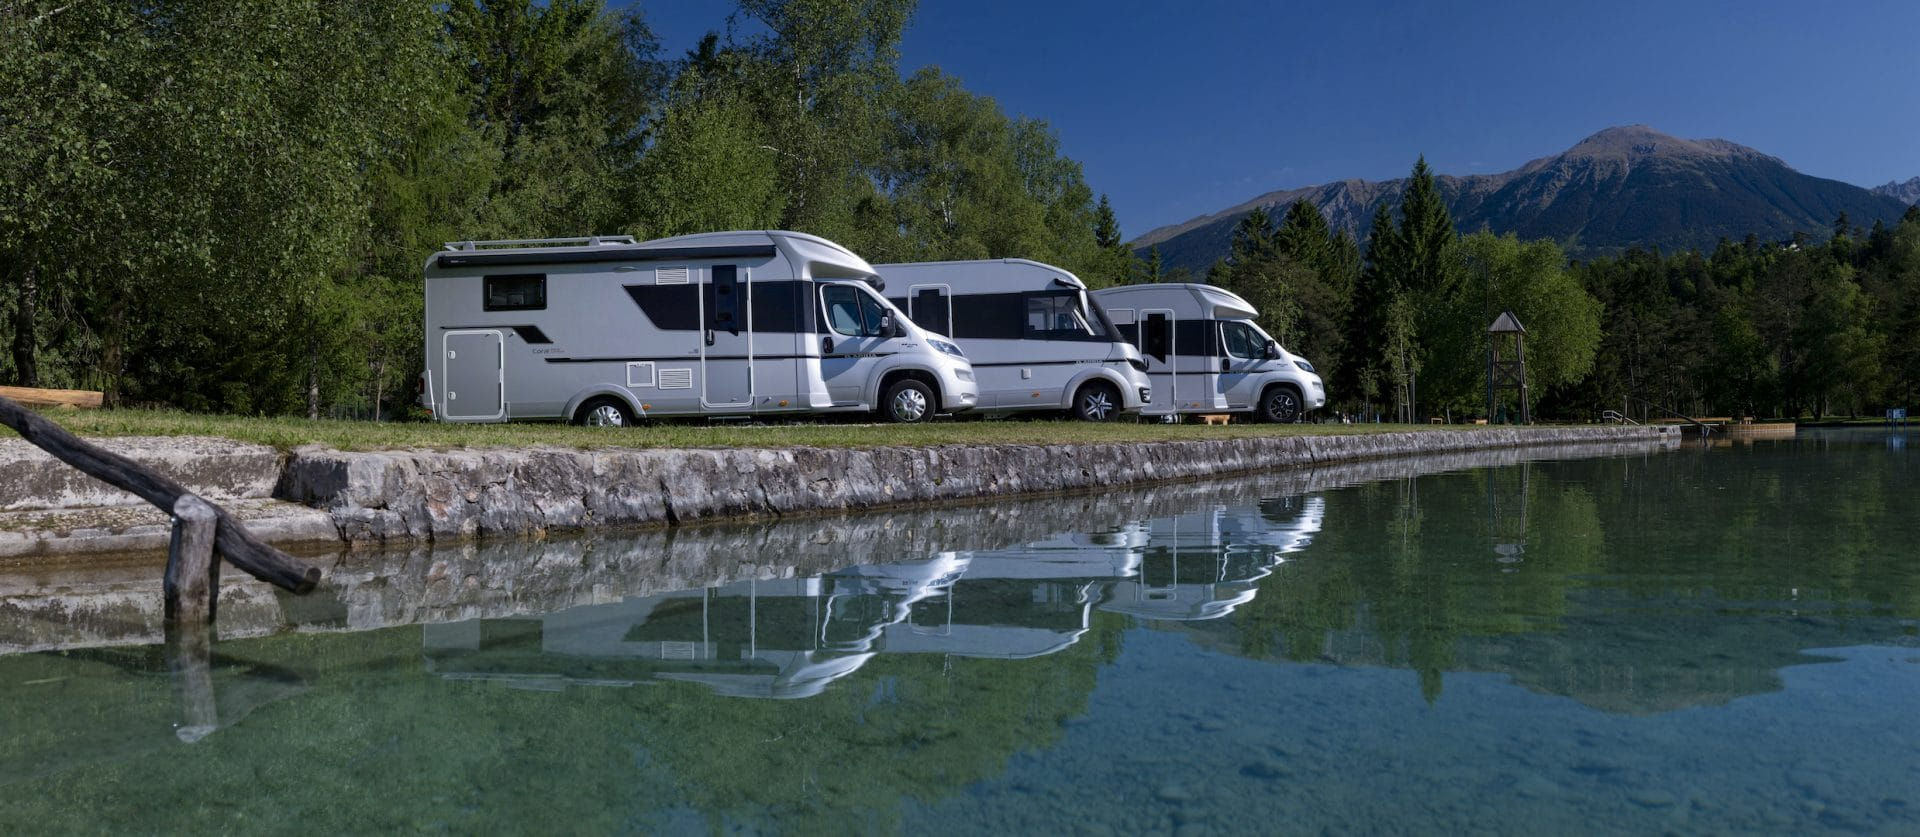 drei Wohnmobile an einem glatten Gewässer